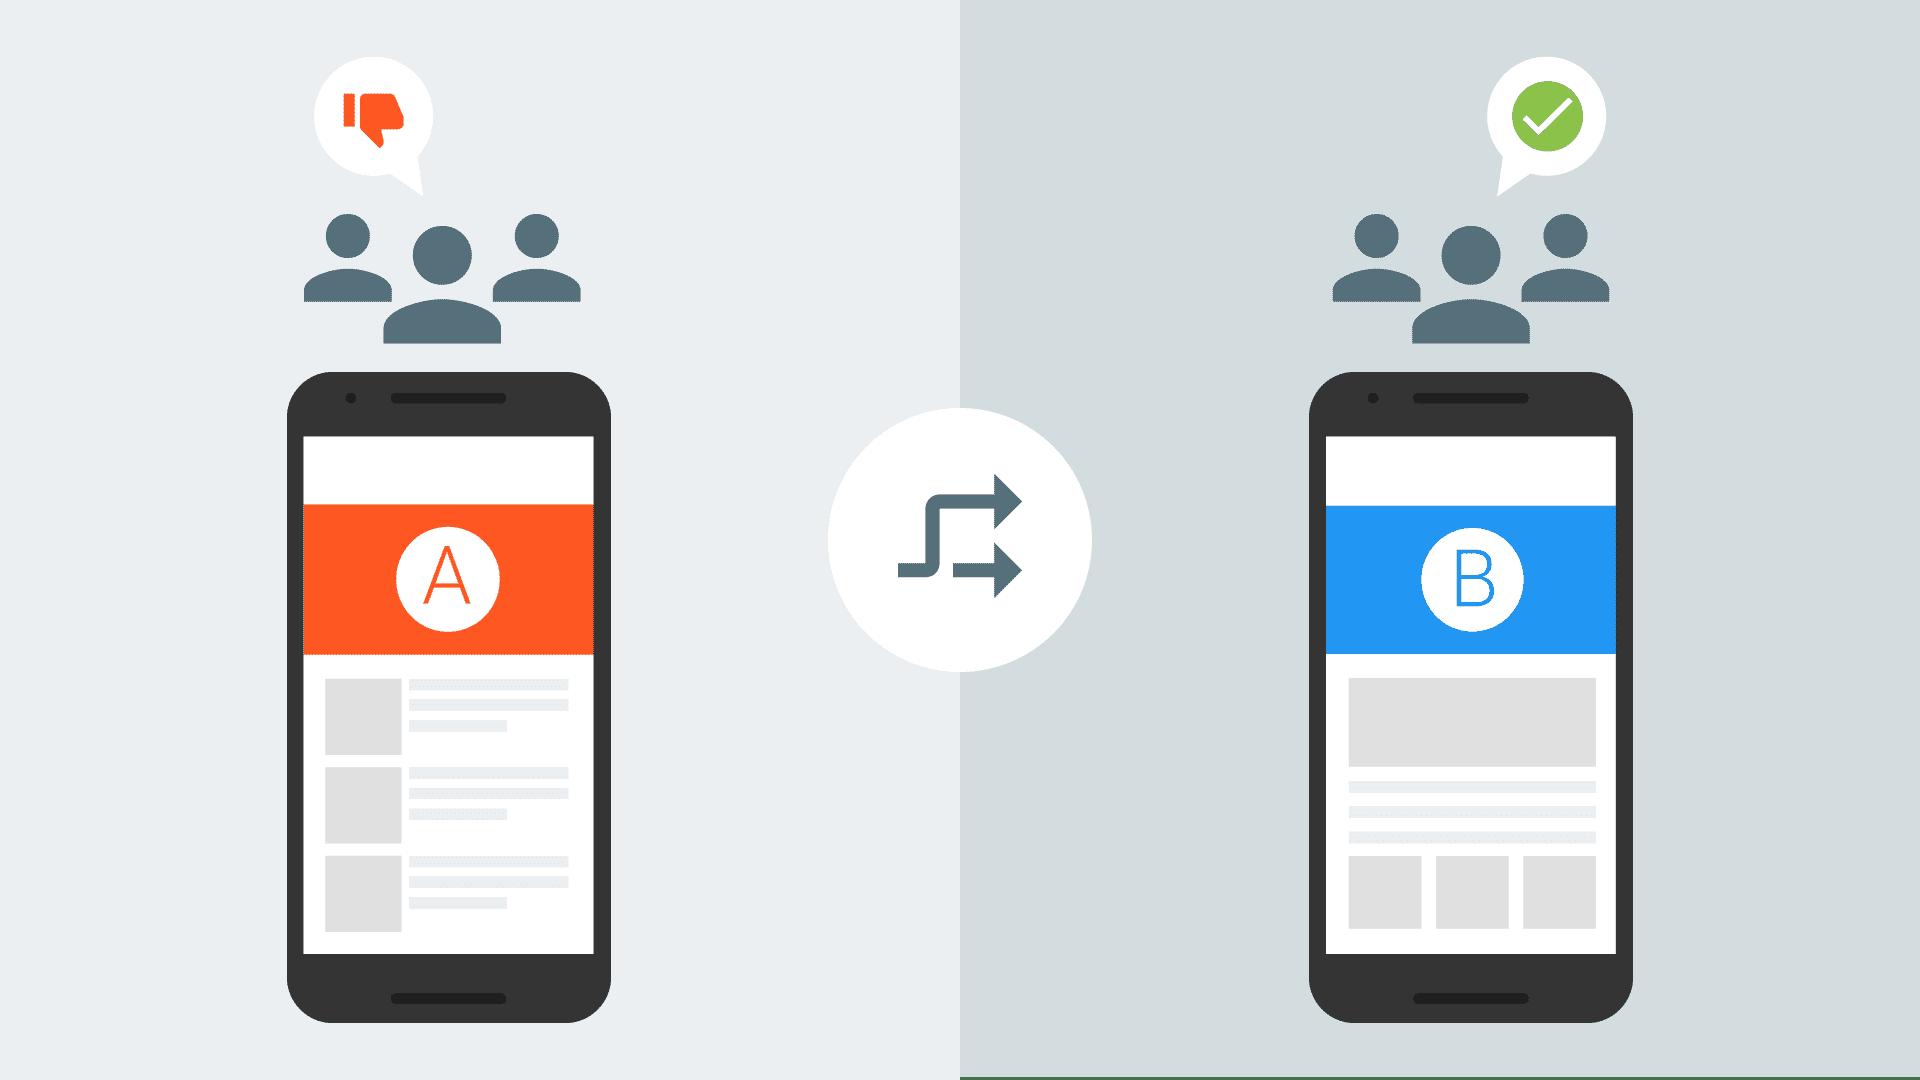 向不同的受众群体显示不同内容的手机